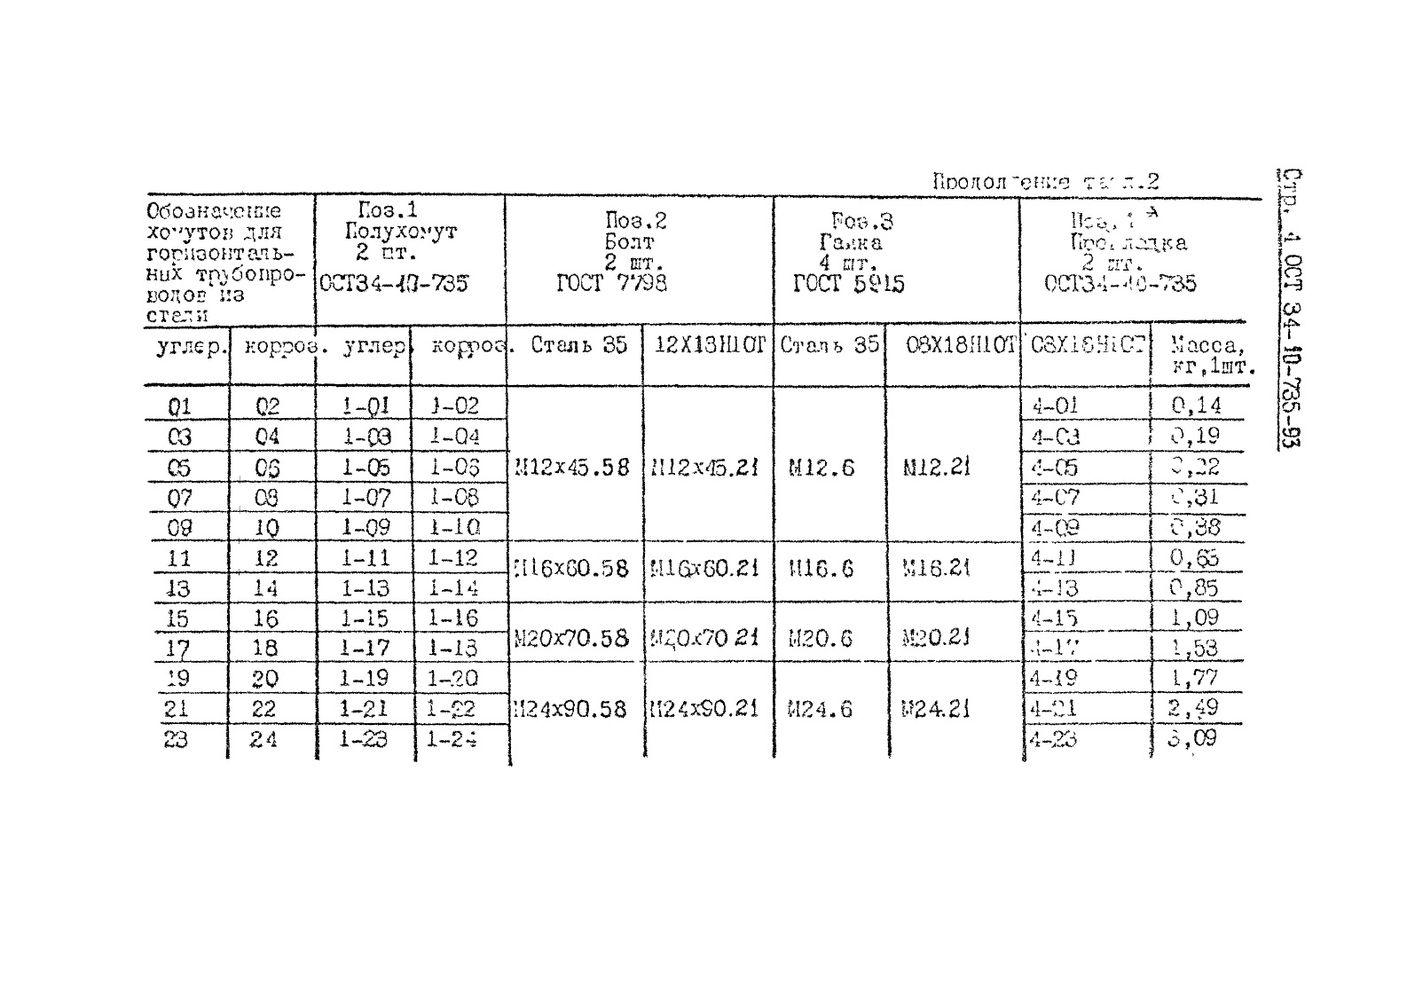 Хомуты для горизонтальных трубопроводов ОСТ 34-10-735-93 стр.4